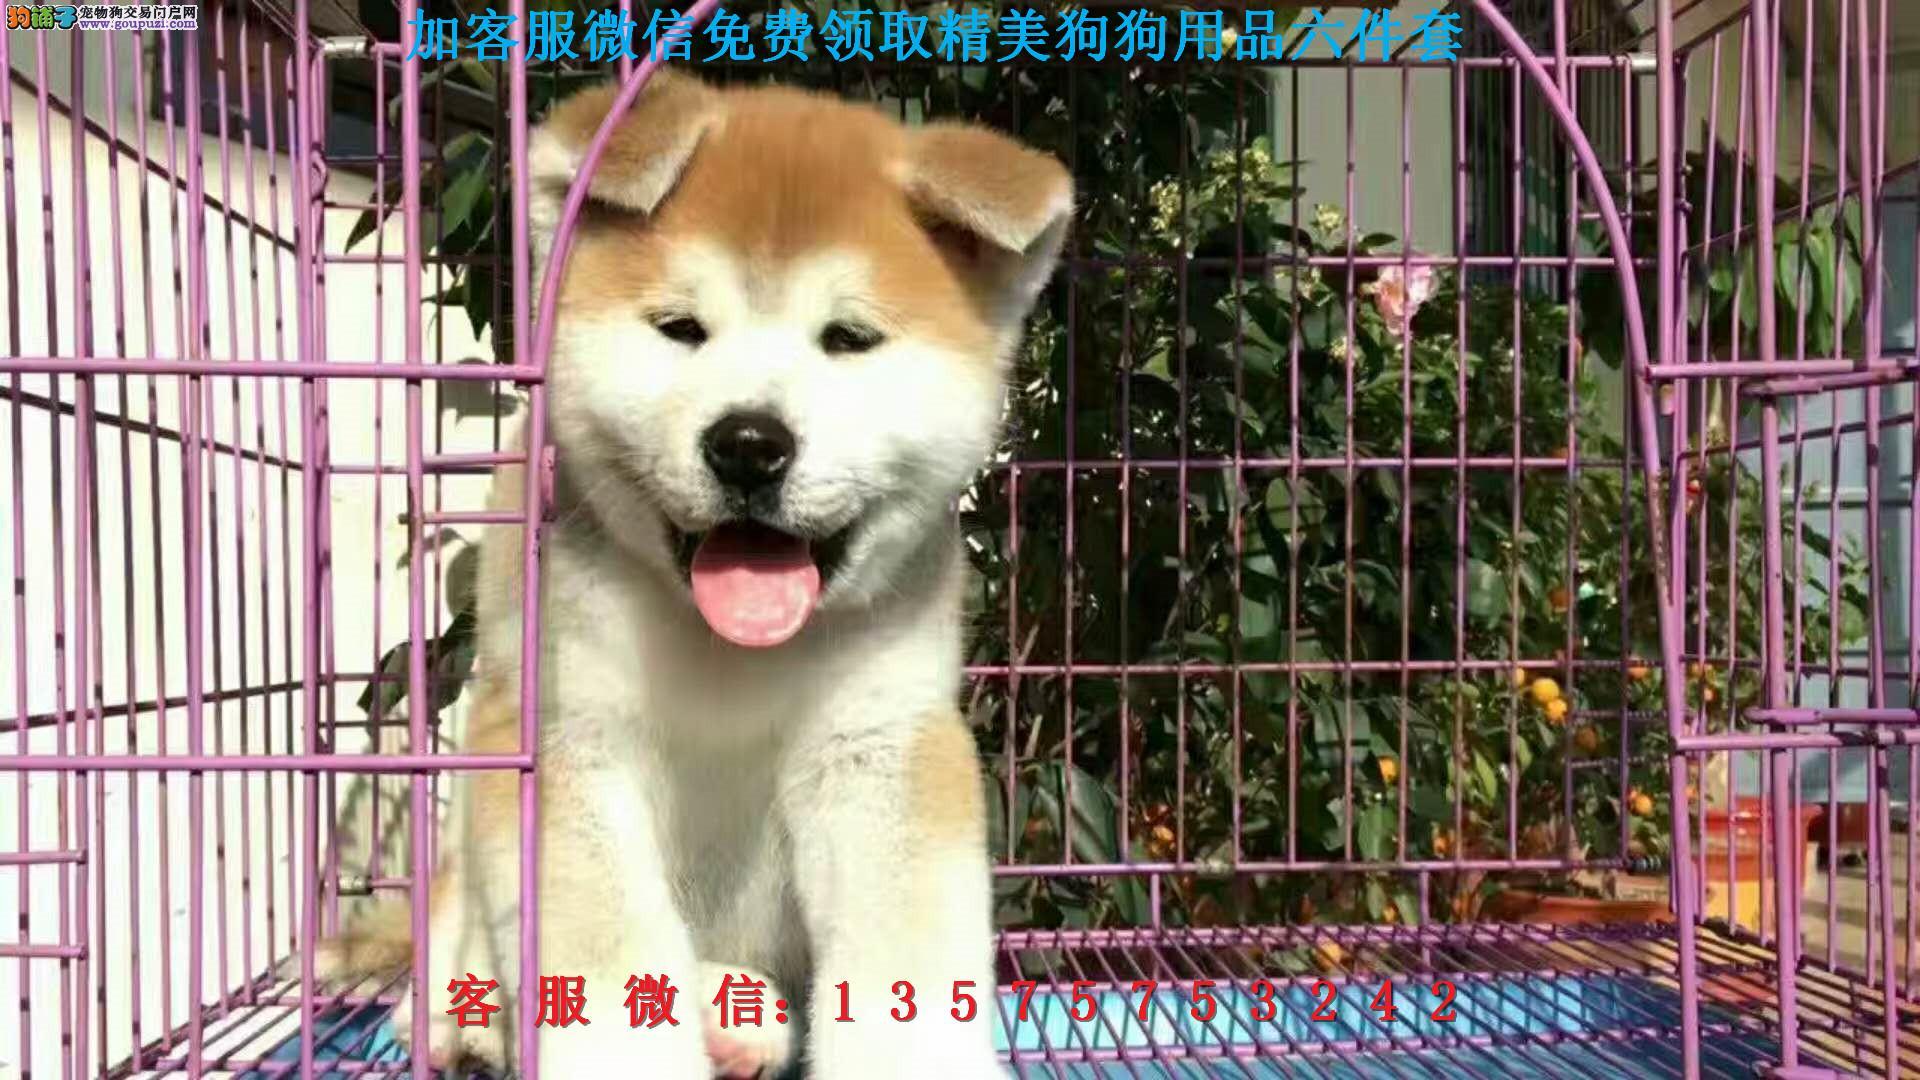 本地犬舍直销▎纯种秋田 ▎带出生纸血统证及疫苗本。